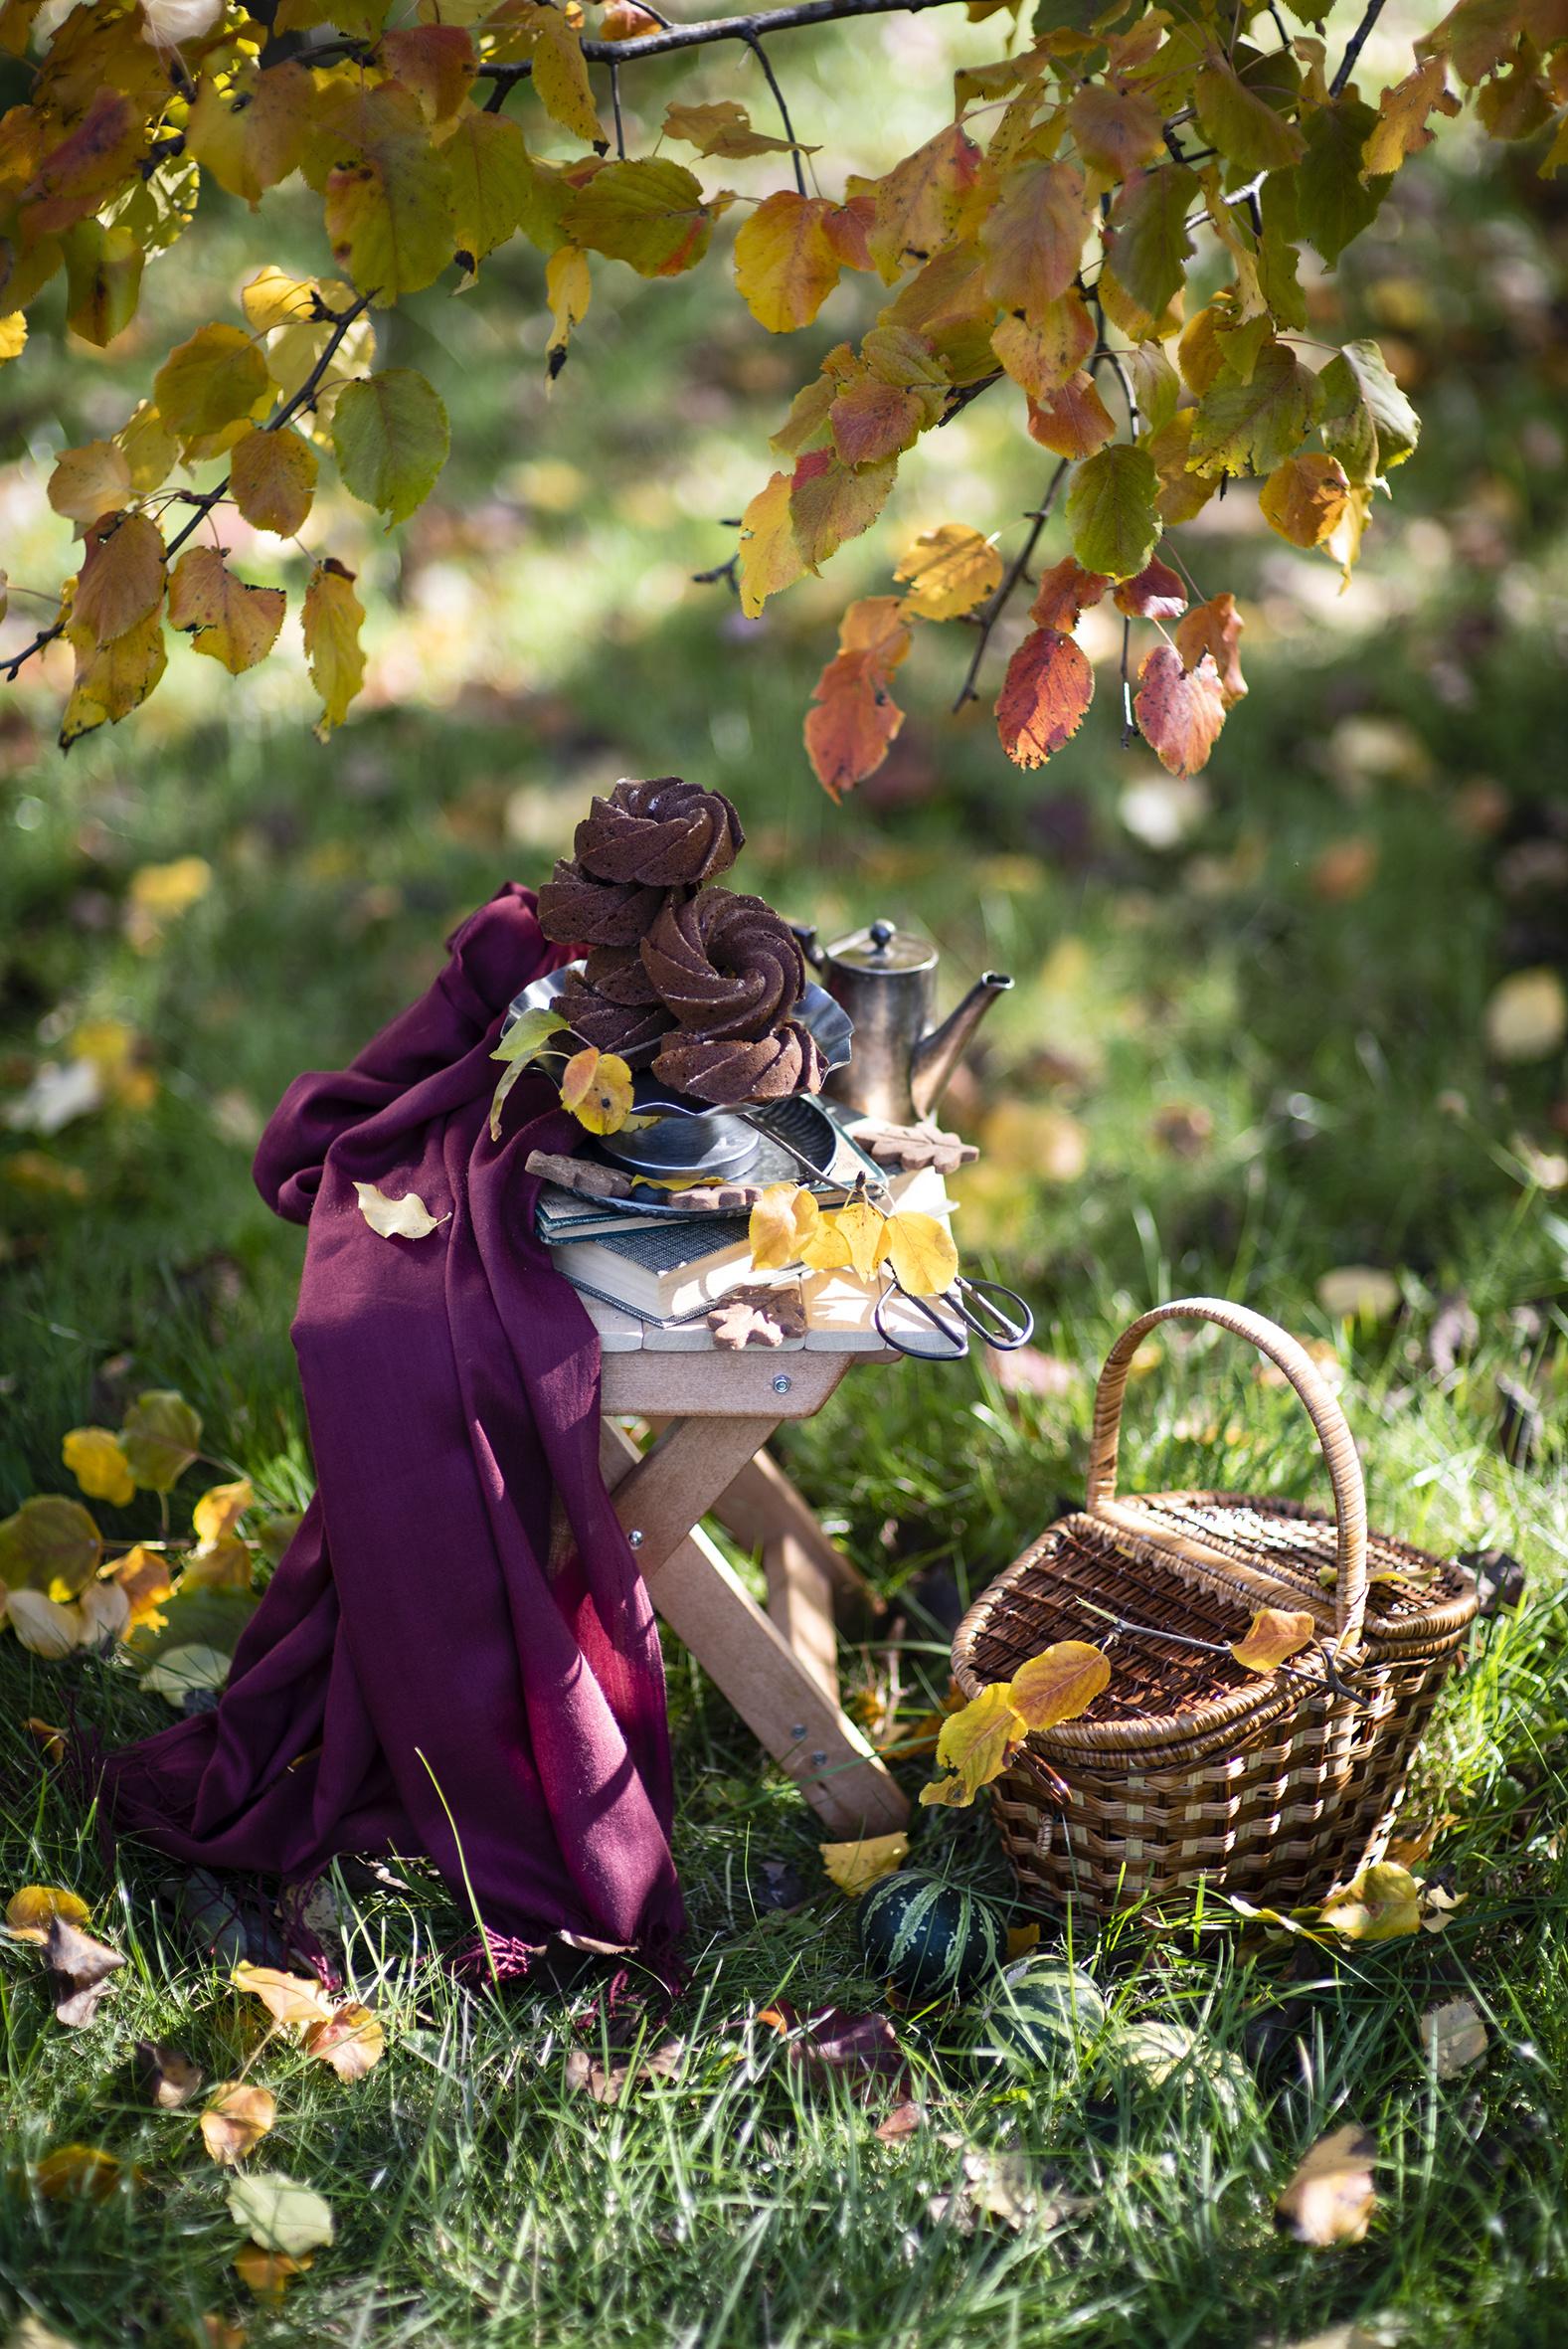 Фото Листва Осень Корзина Ветки траве Продукты питания Выпечка Натюрморт  для мобильного телефона лист Листья осенние корзины Корзинка Еда Пища ветвь ветка Трава на ветке